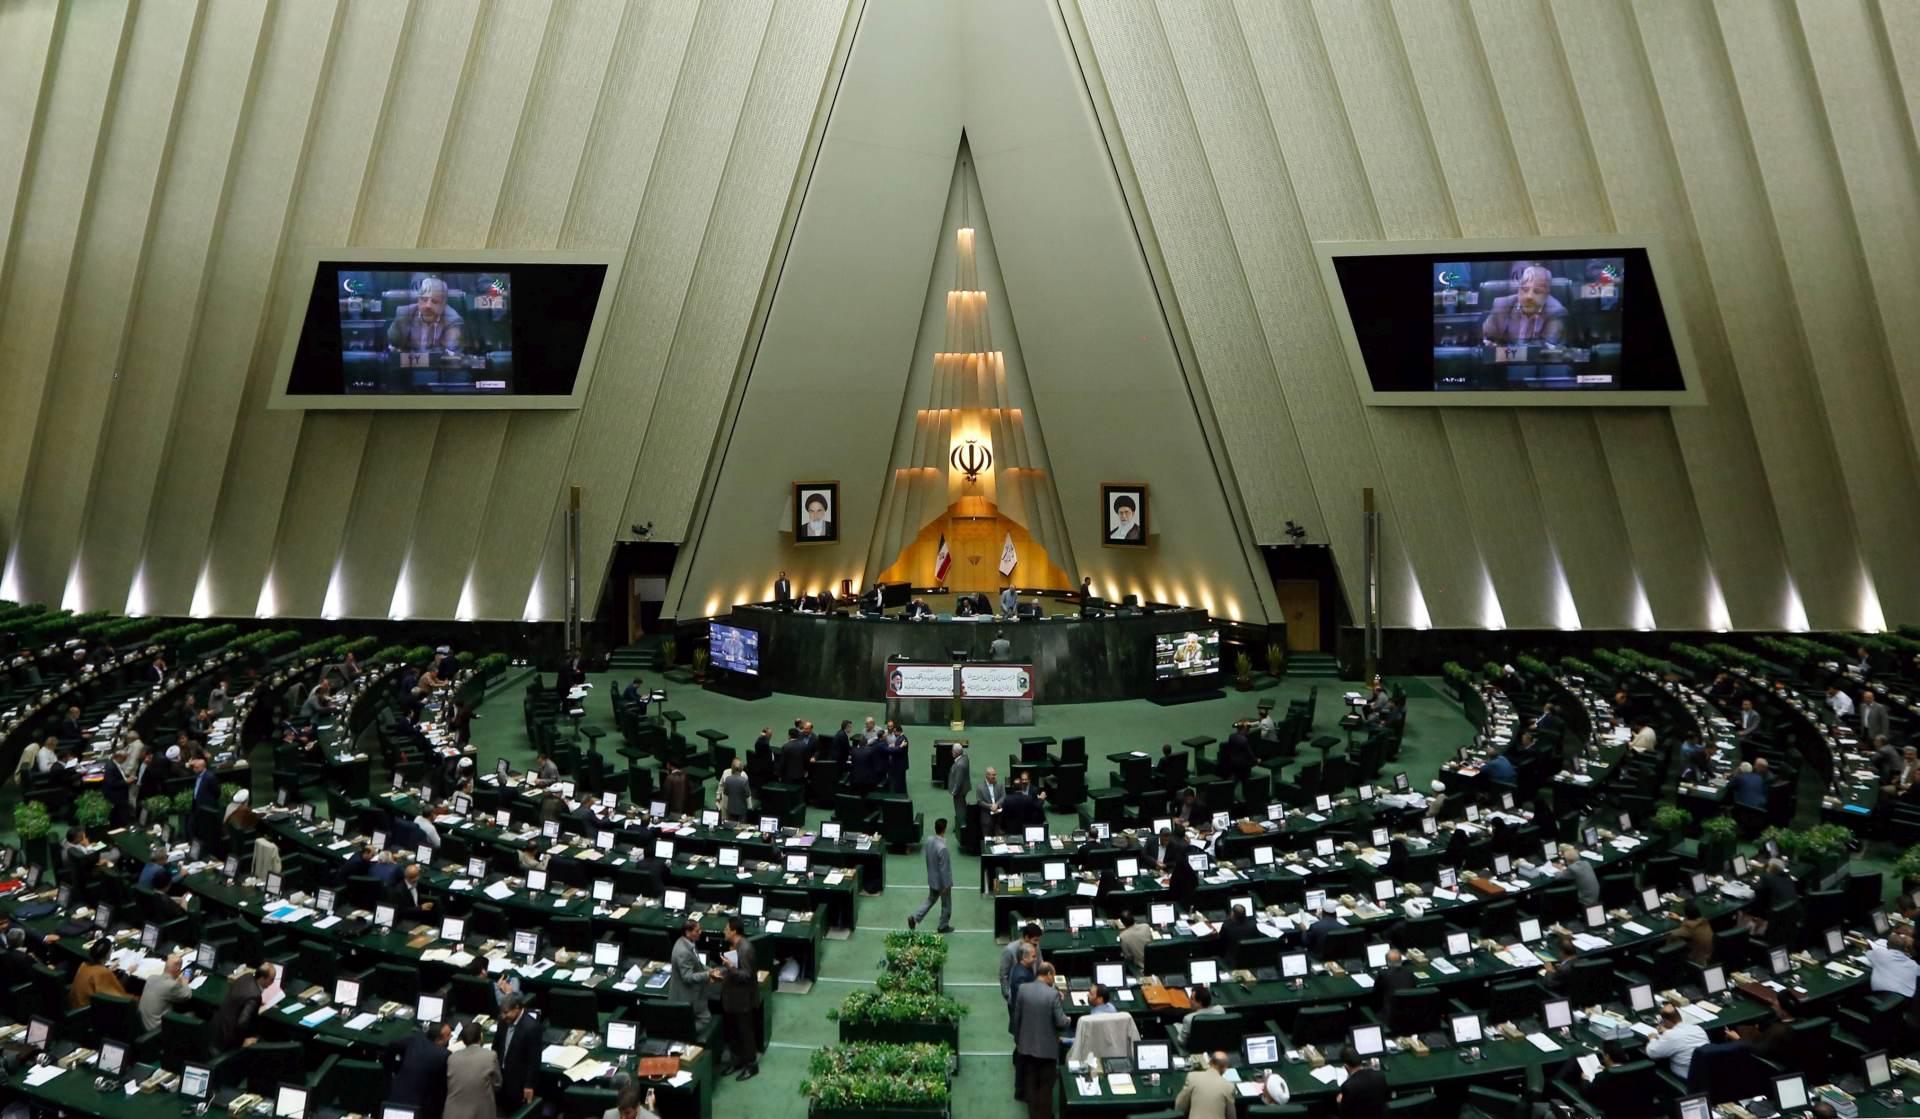 UOČI SPORAZUMA: Iranski vrhovni vođa zabranio pregovore sa SAD-om